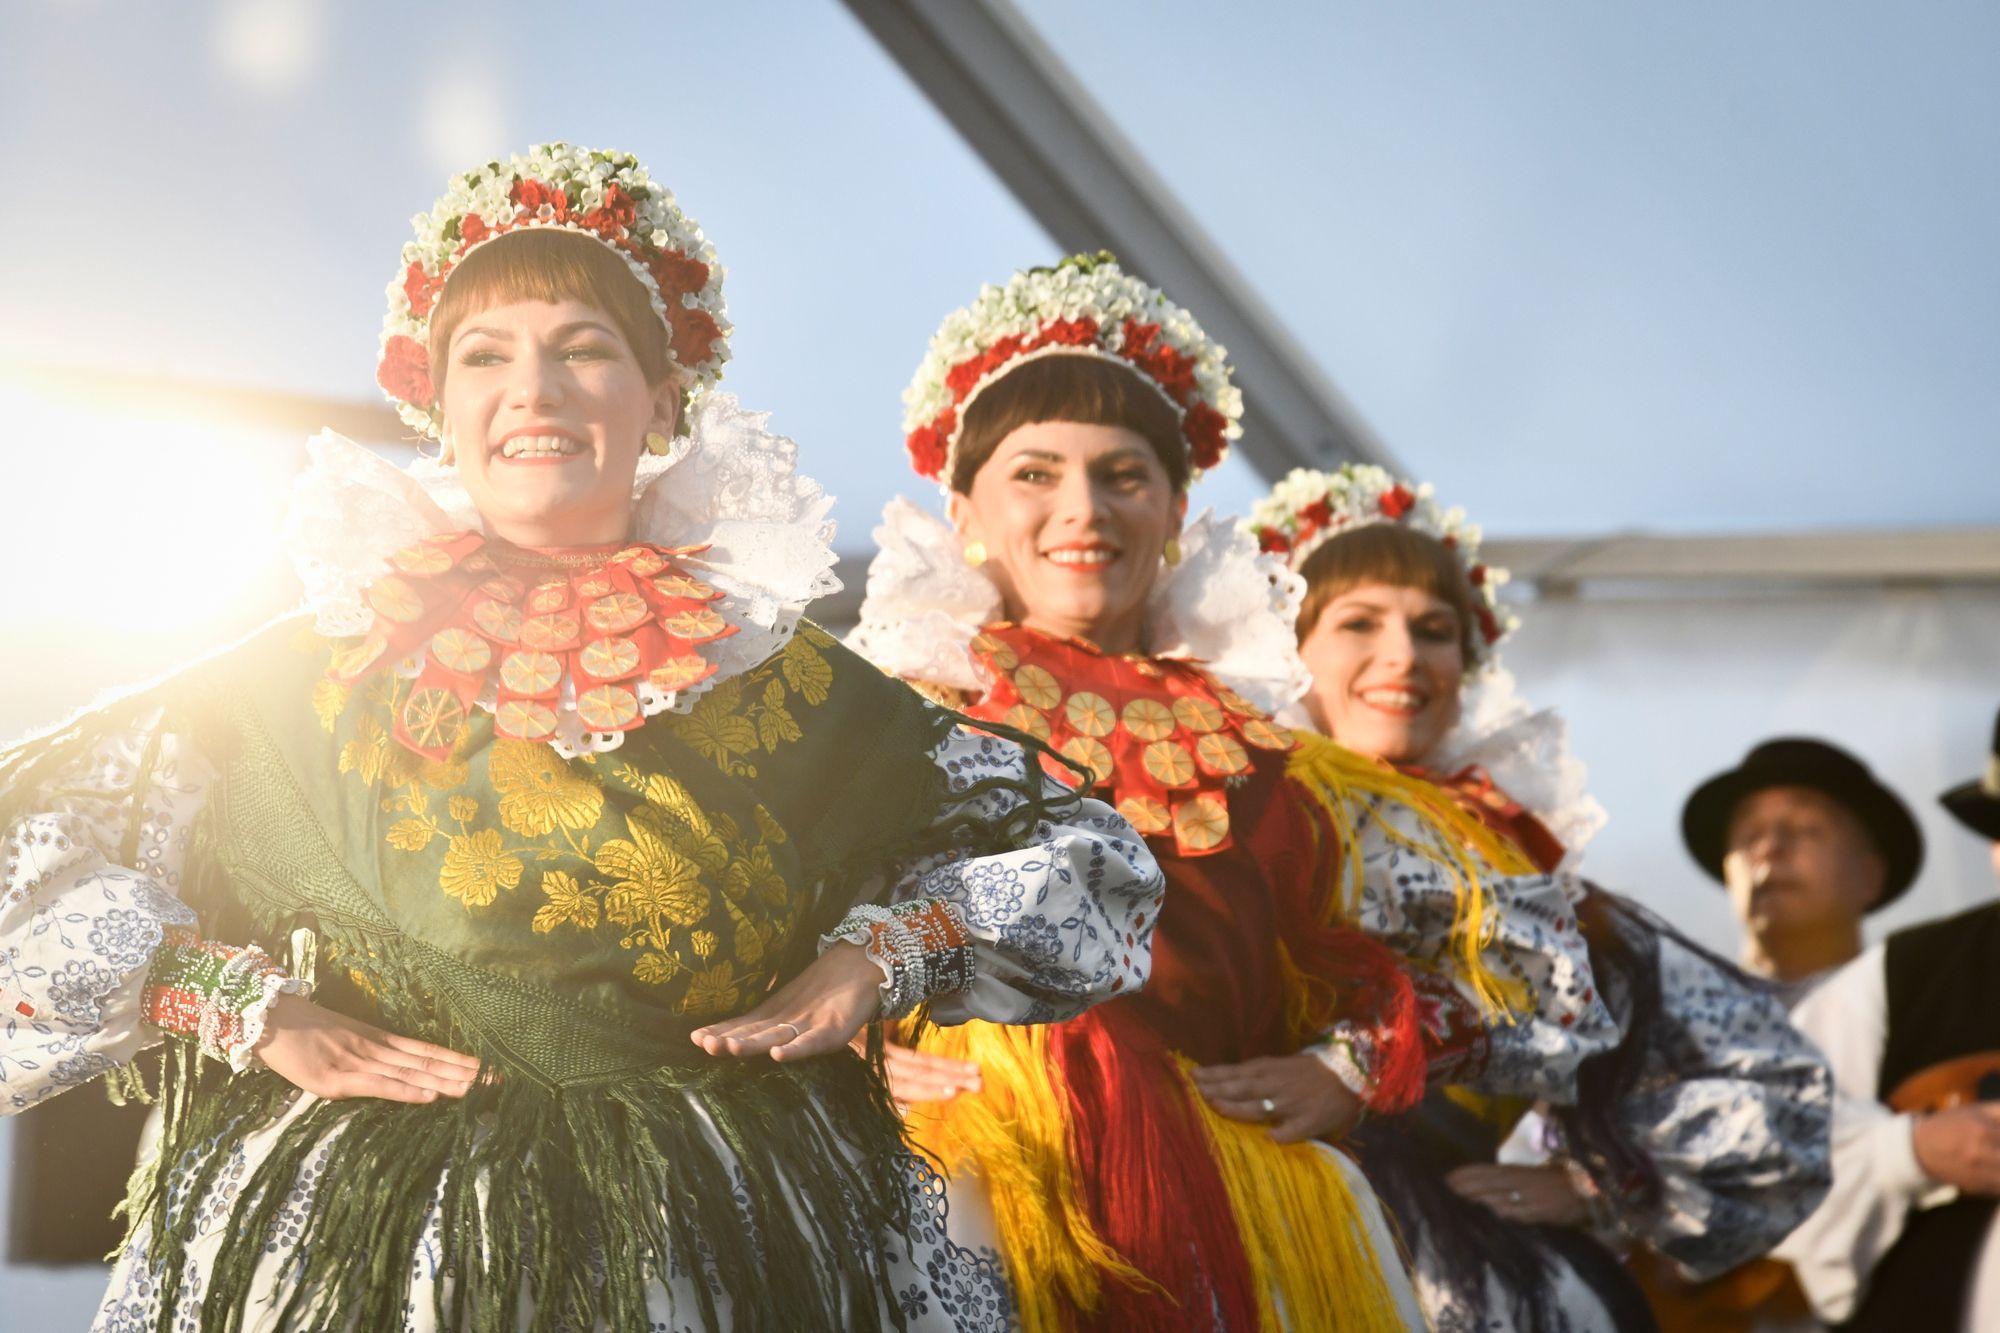 Nakon povratka iz Poljske, Ansambl LADO ostatak srpnja provest će na ljetnoj turneji u Hrvatskoj i inozemstvu